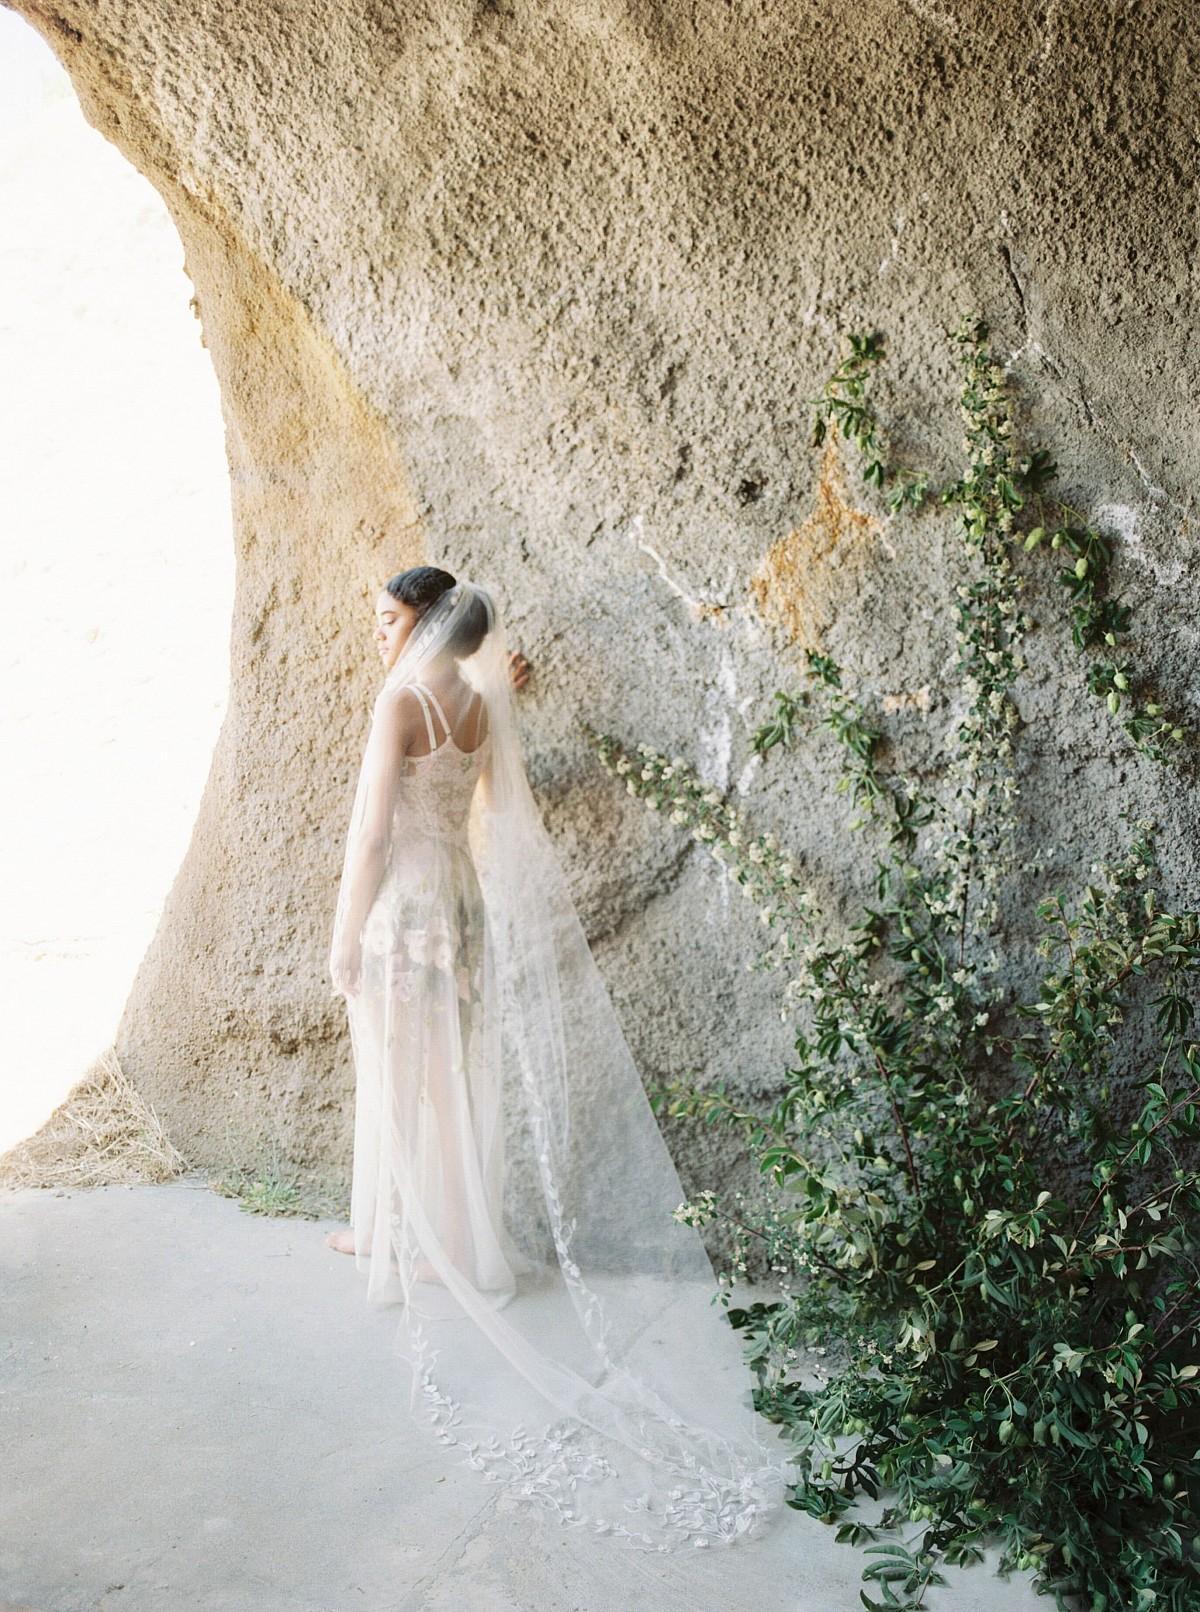 Lynn dunston - black bride